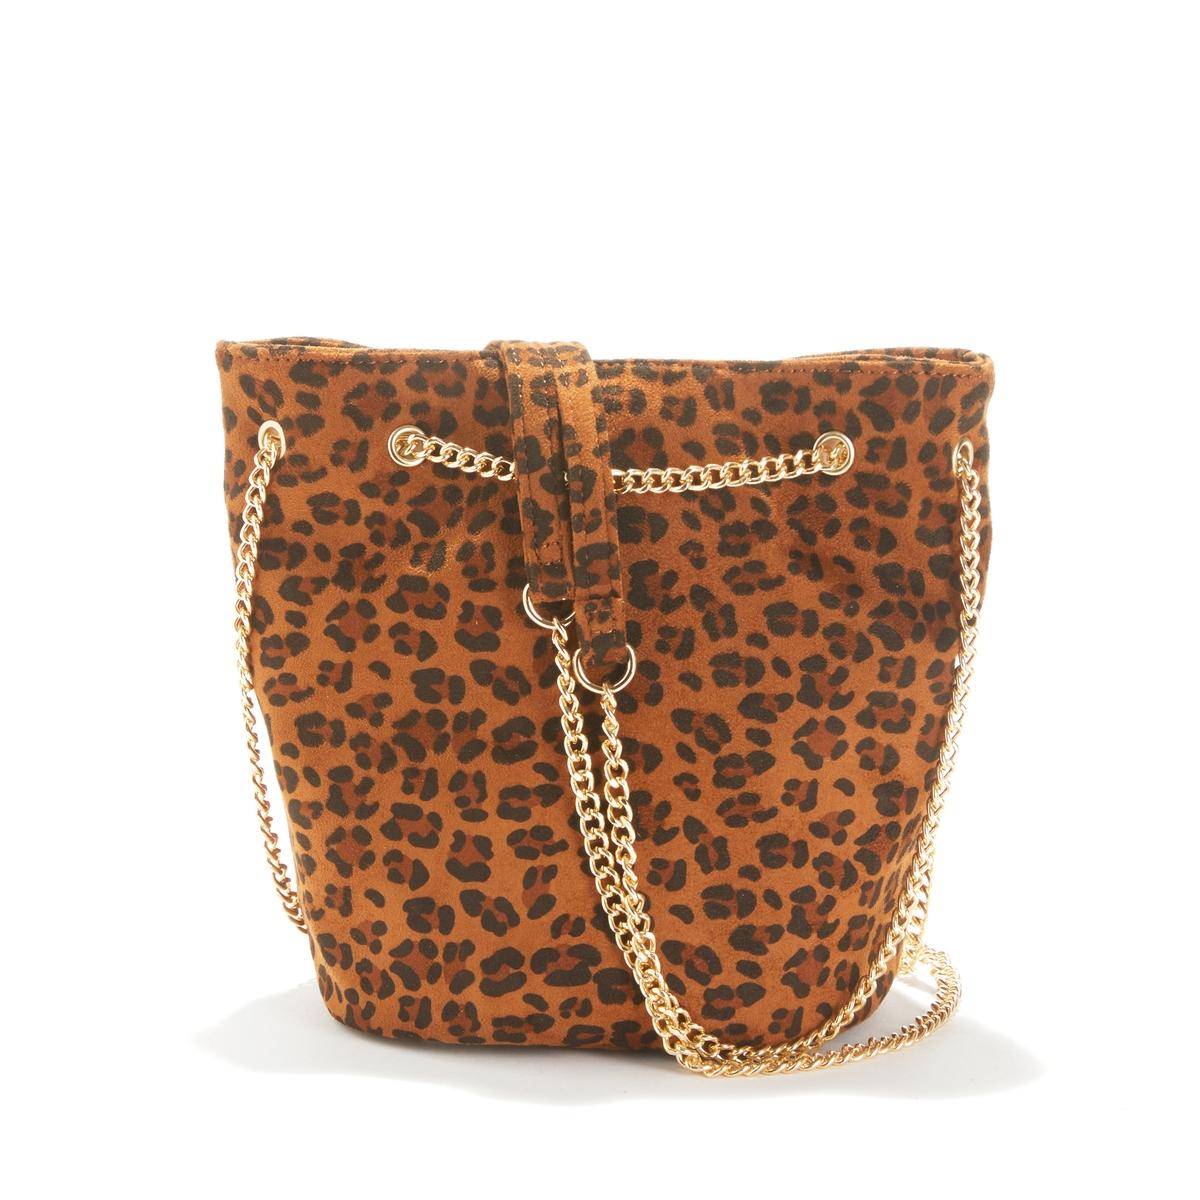 Carteira pequena efeito leopardo